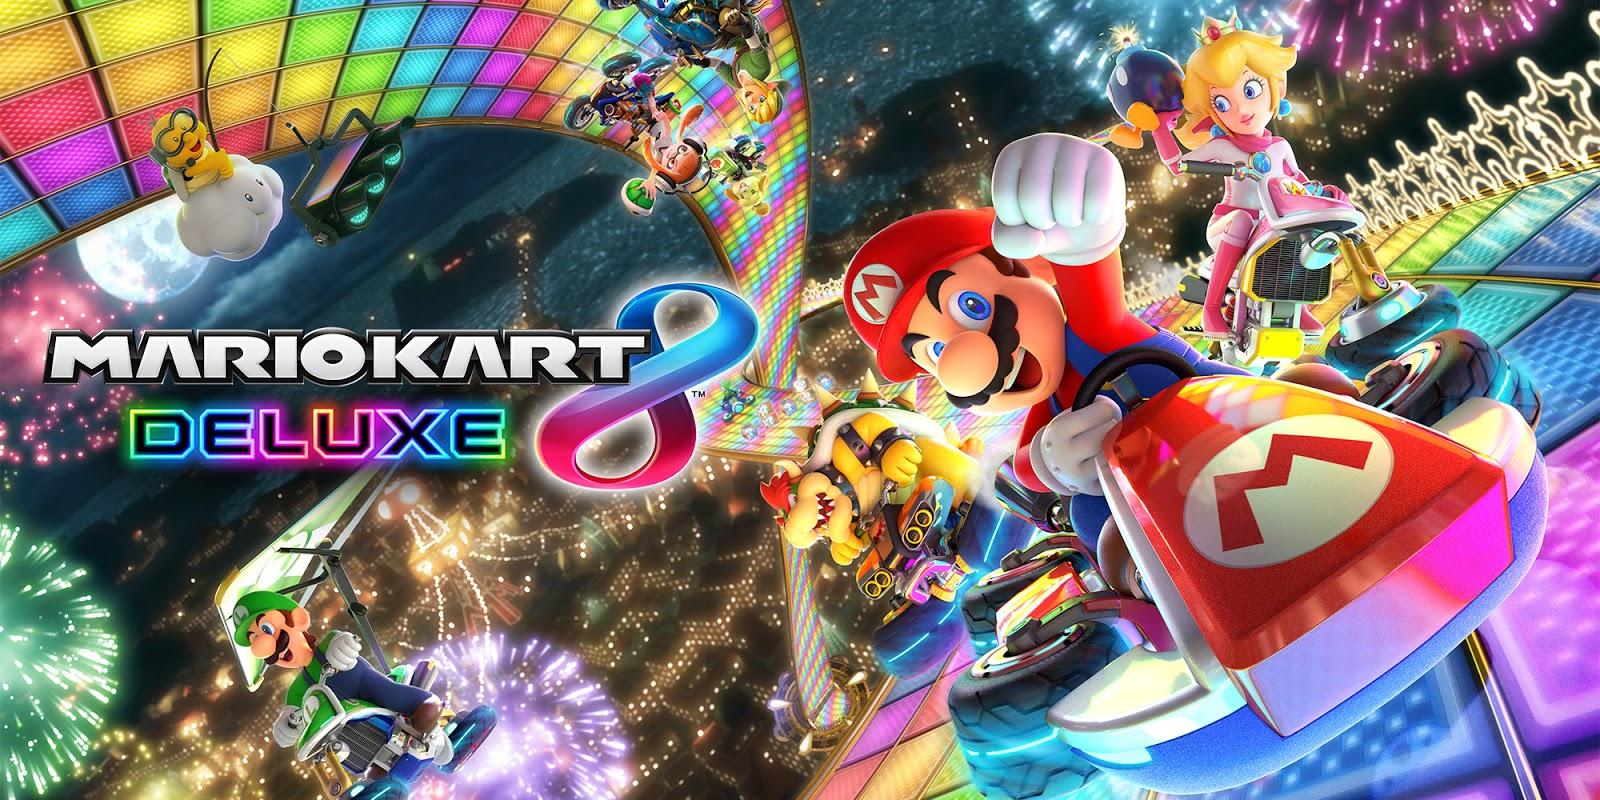 Programa 10x27 (19-05-2017) 'Mario Kart 8 Deluxe'   H2x1_NSwitch_MarioKart8Deluxe